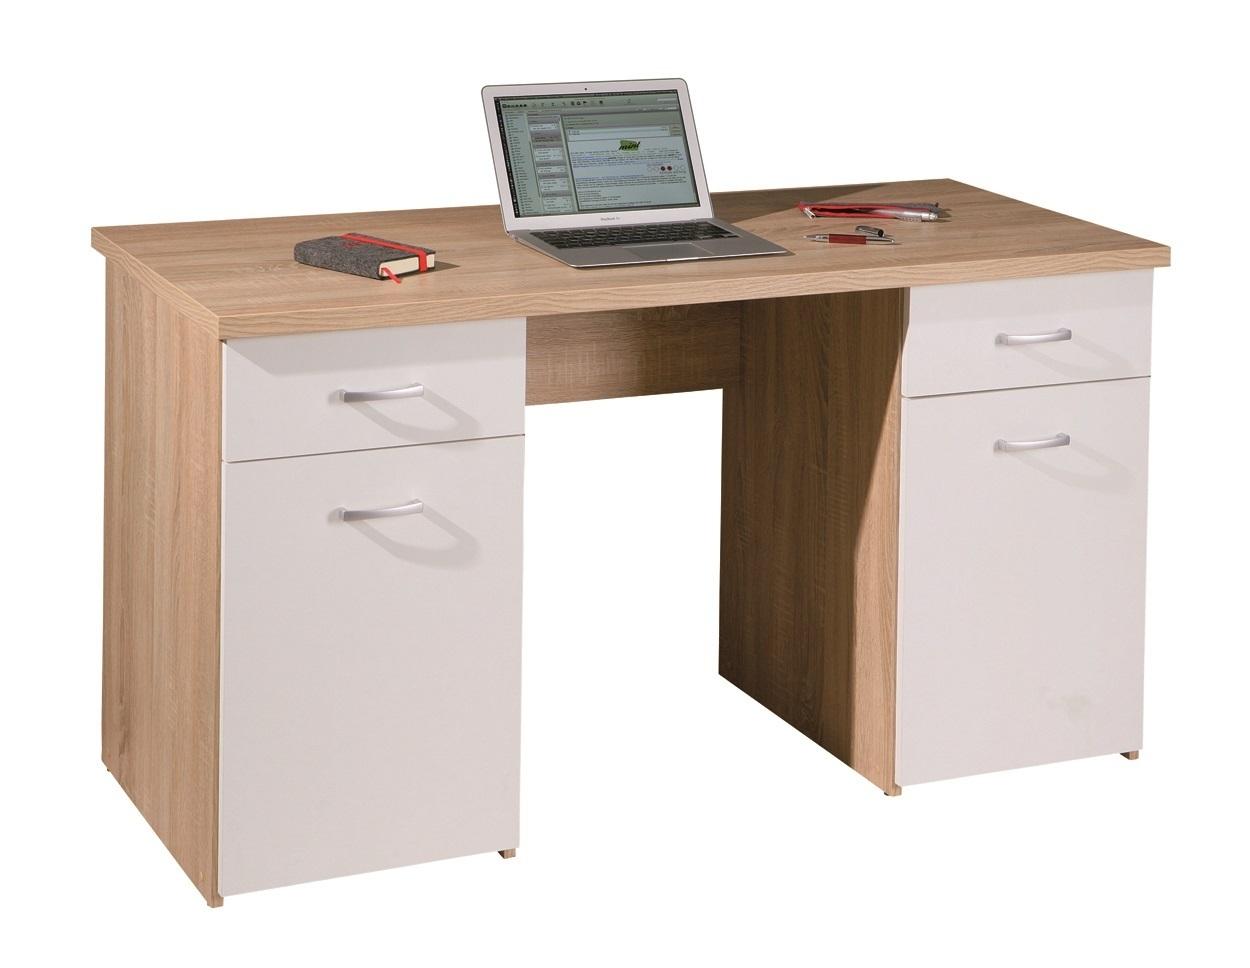 Scrivania moderna bianca e rovere Sery, mobile ufficio, studio